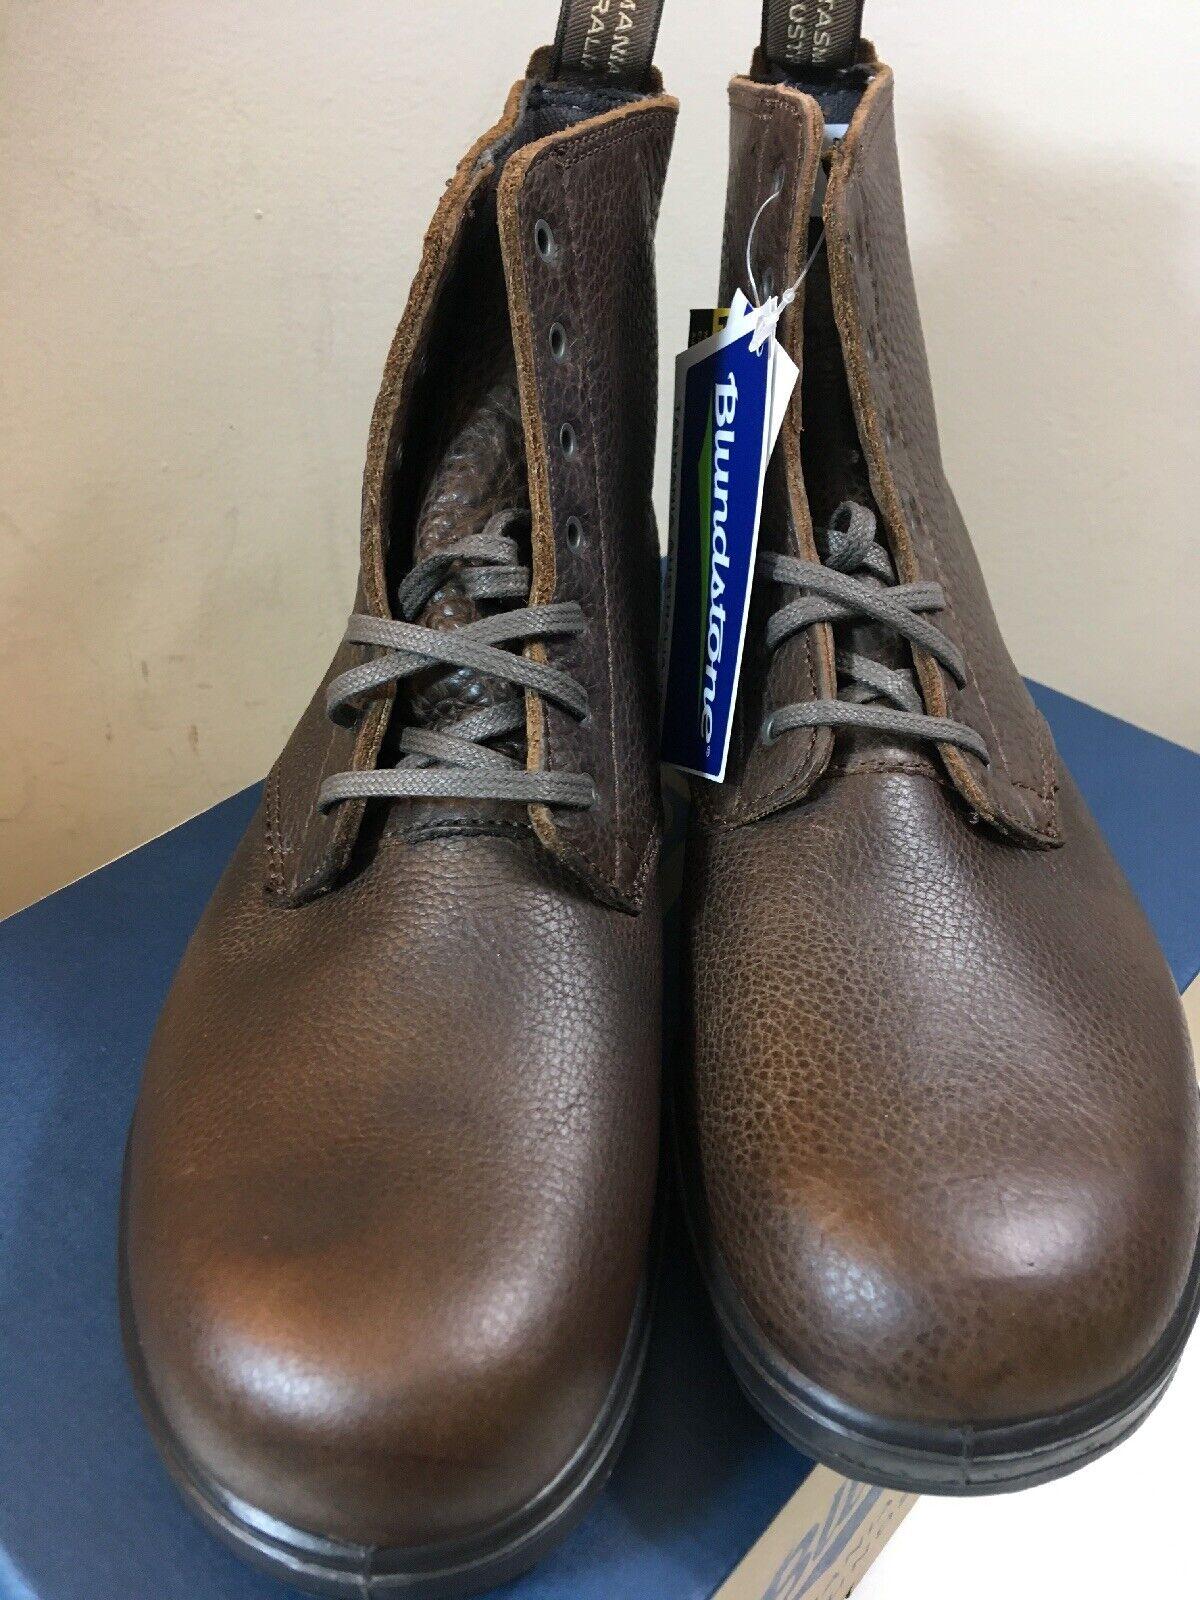 incredibili sconti NWB NWB NWB Blundstone  1454 Marrone Tumble Leather stivali Donna  Dimensione US 9.5 Uomo 7.5  con il prezzo economico per ottenere la migliore marca